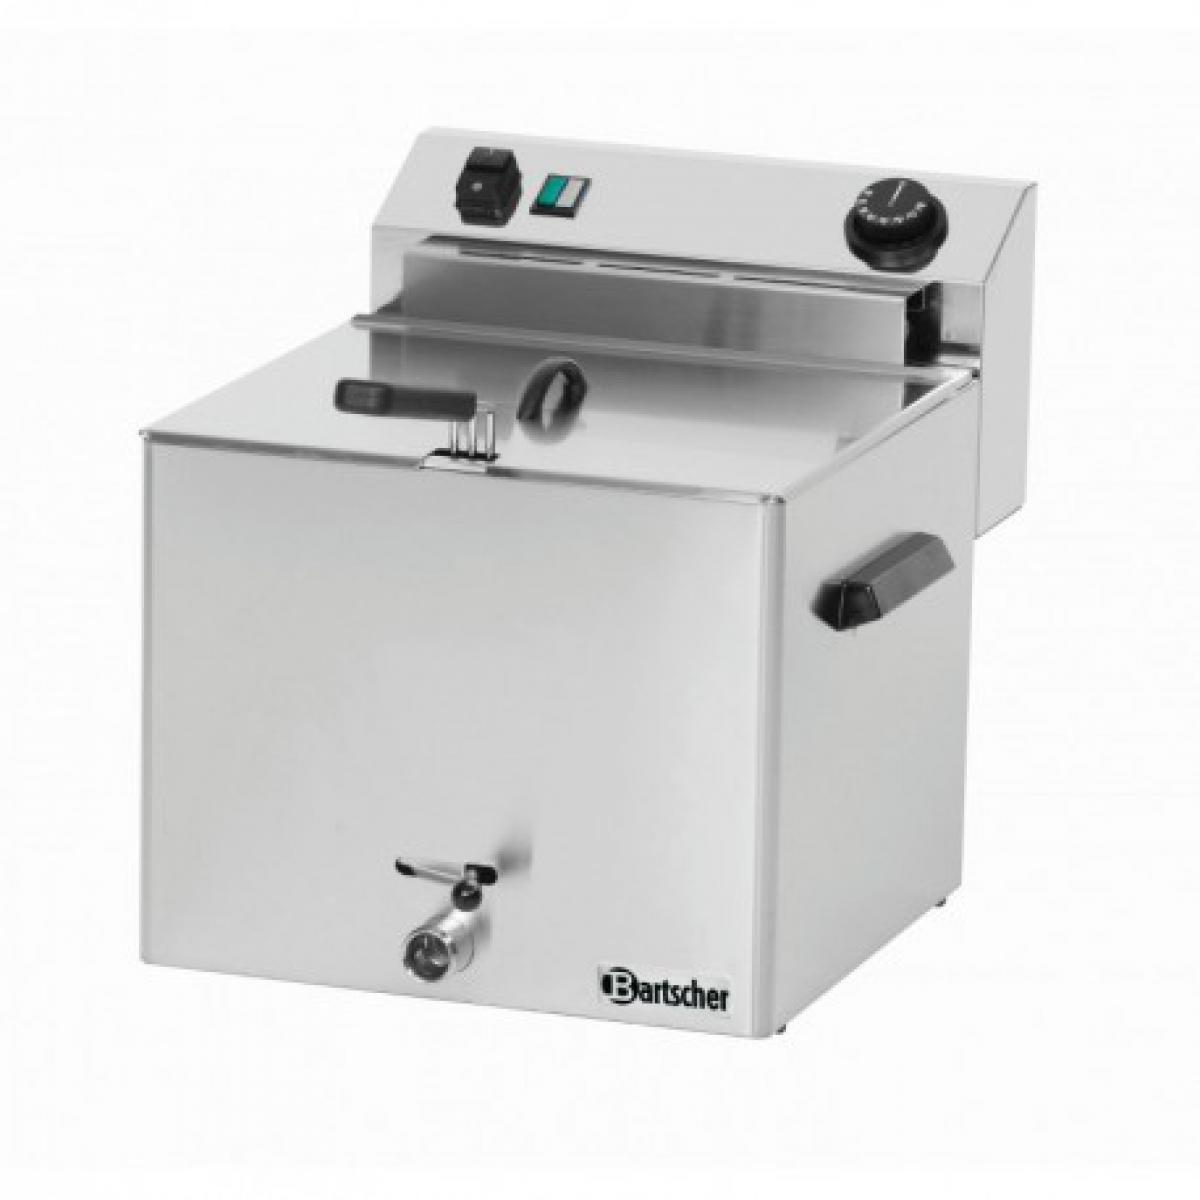 Bartscher Friteuse professionnelle électrique - 10 Litres avec robinet de vidange - Bartscher -